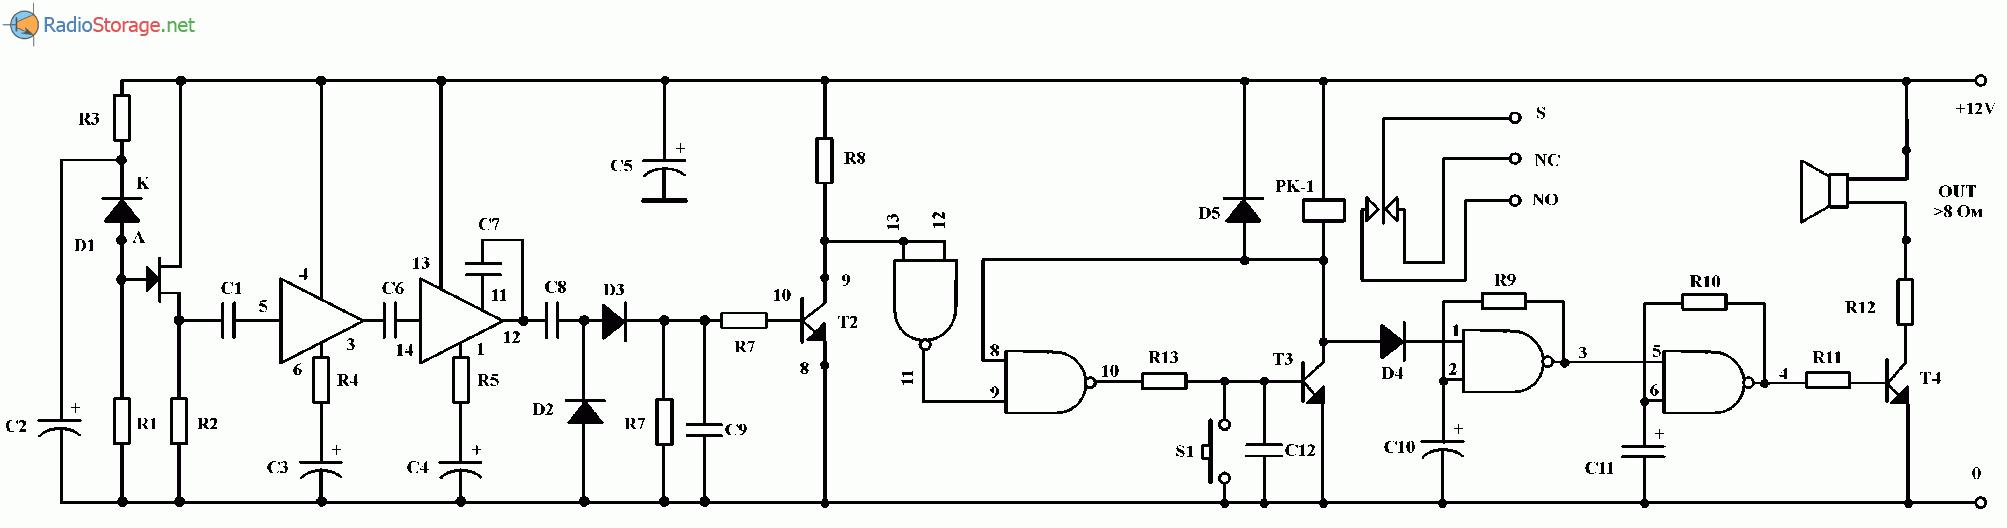 Сигнализация пересечения периметра на ИК-лучах, схема